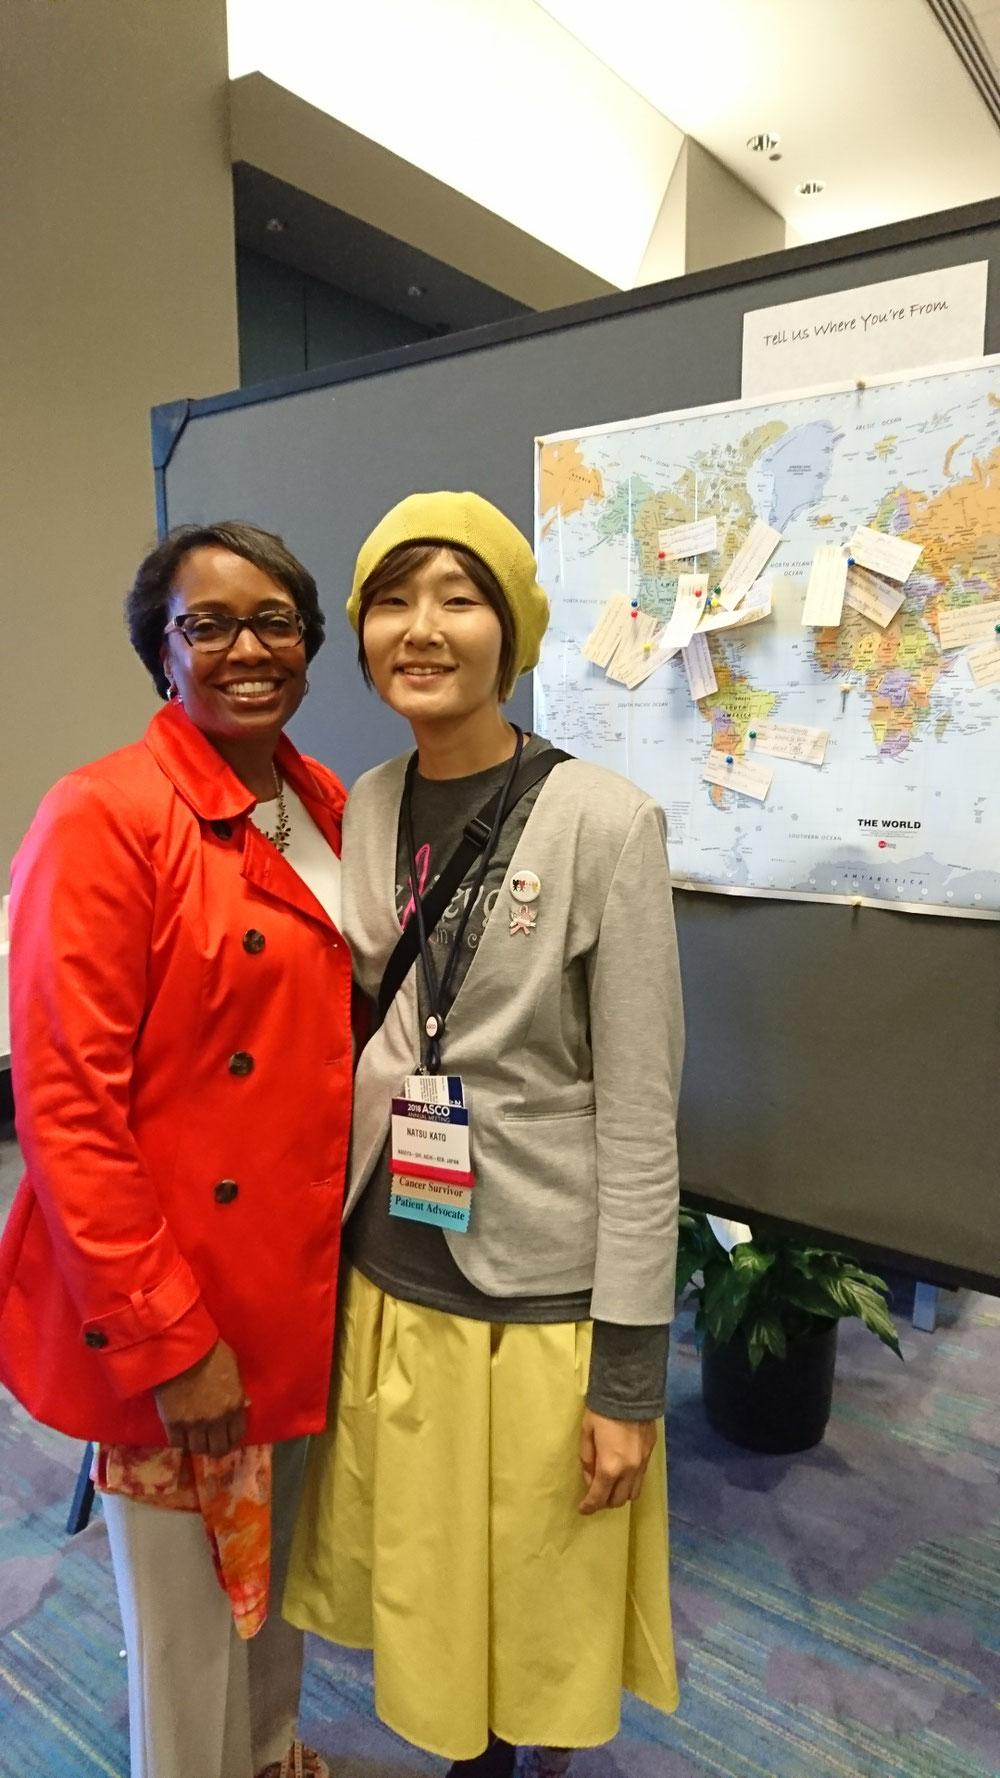 アメリカの若年乳がんの患者団体のStacyさんと。2月のフロリダでのサミット以来の再会。